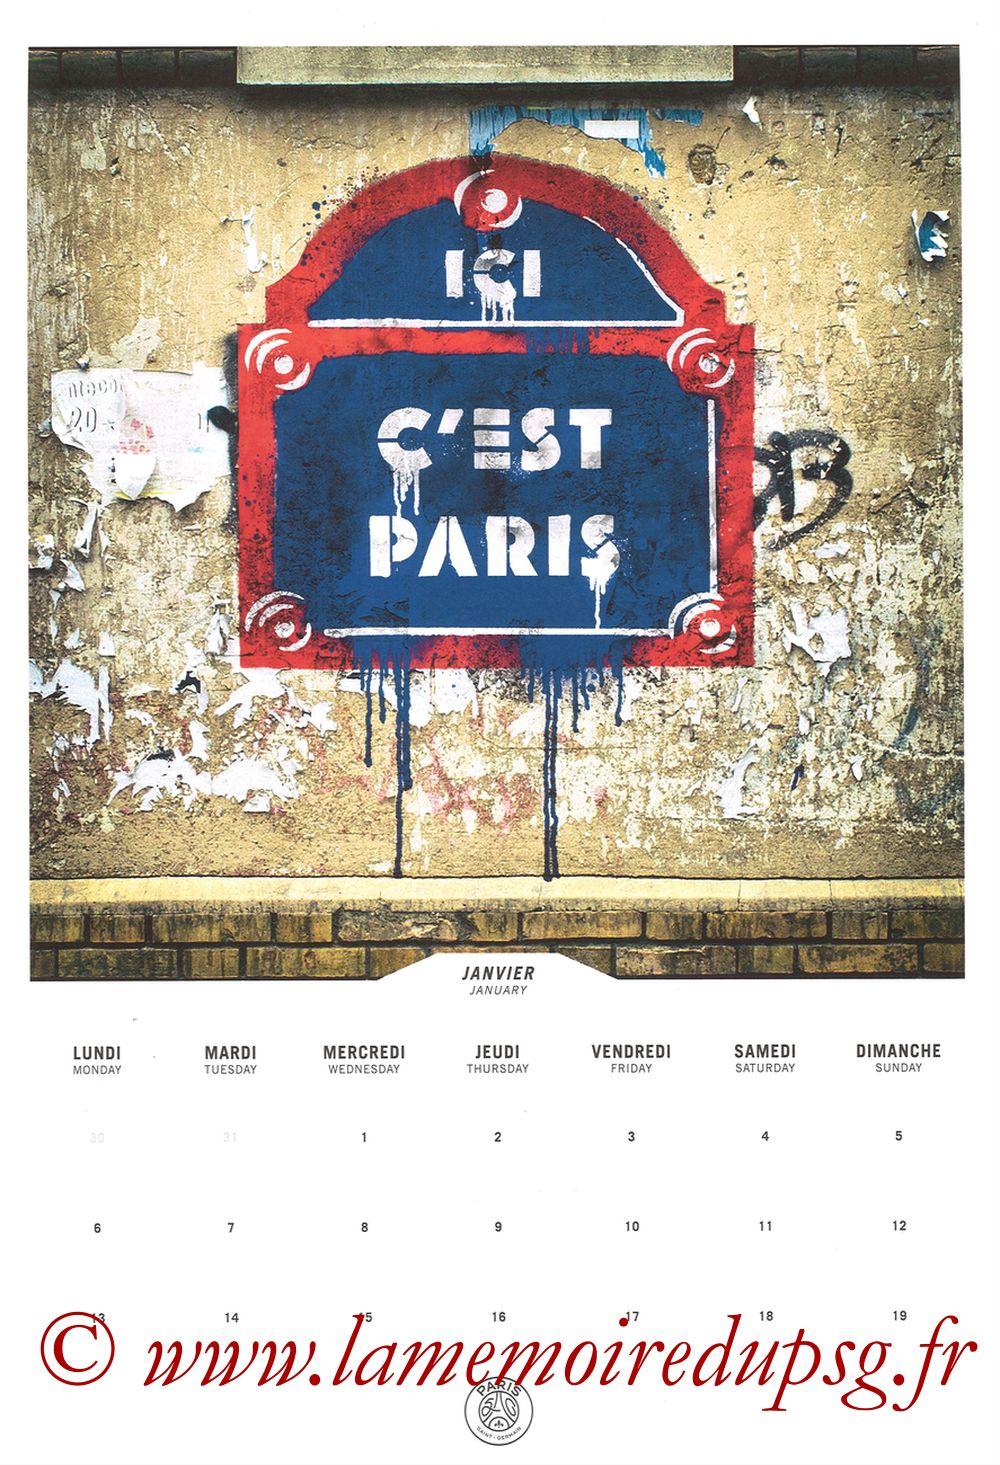 Calendrier PSG 2020 - Page 01 - Ici c'est Paris